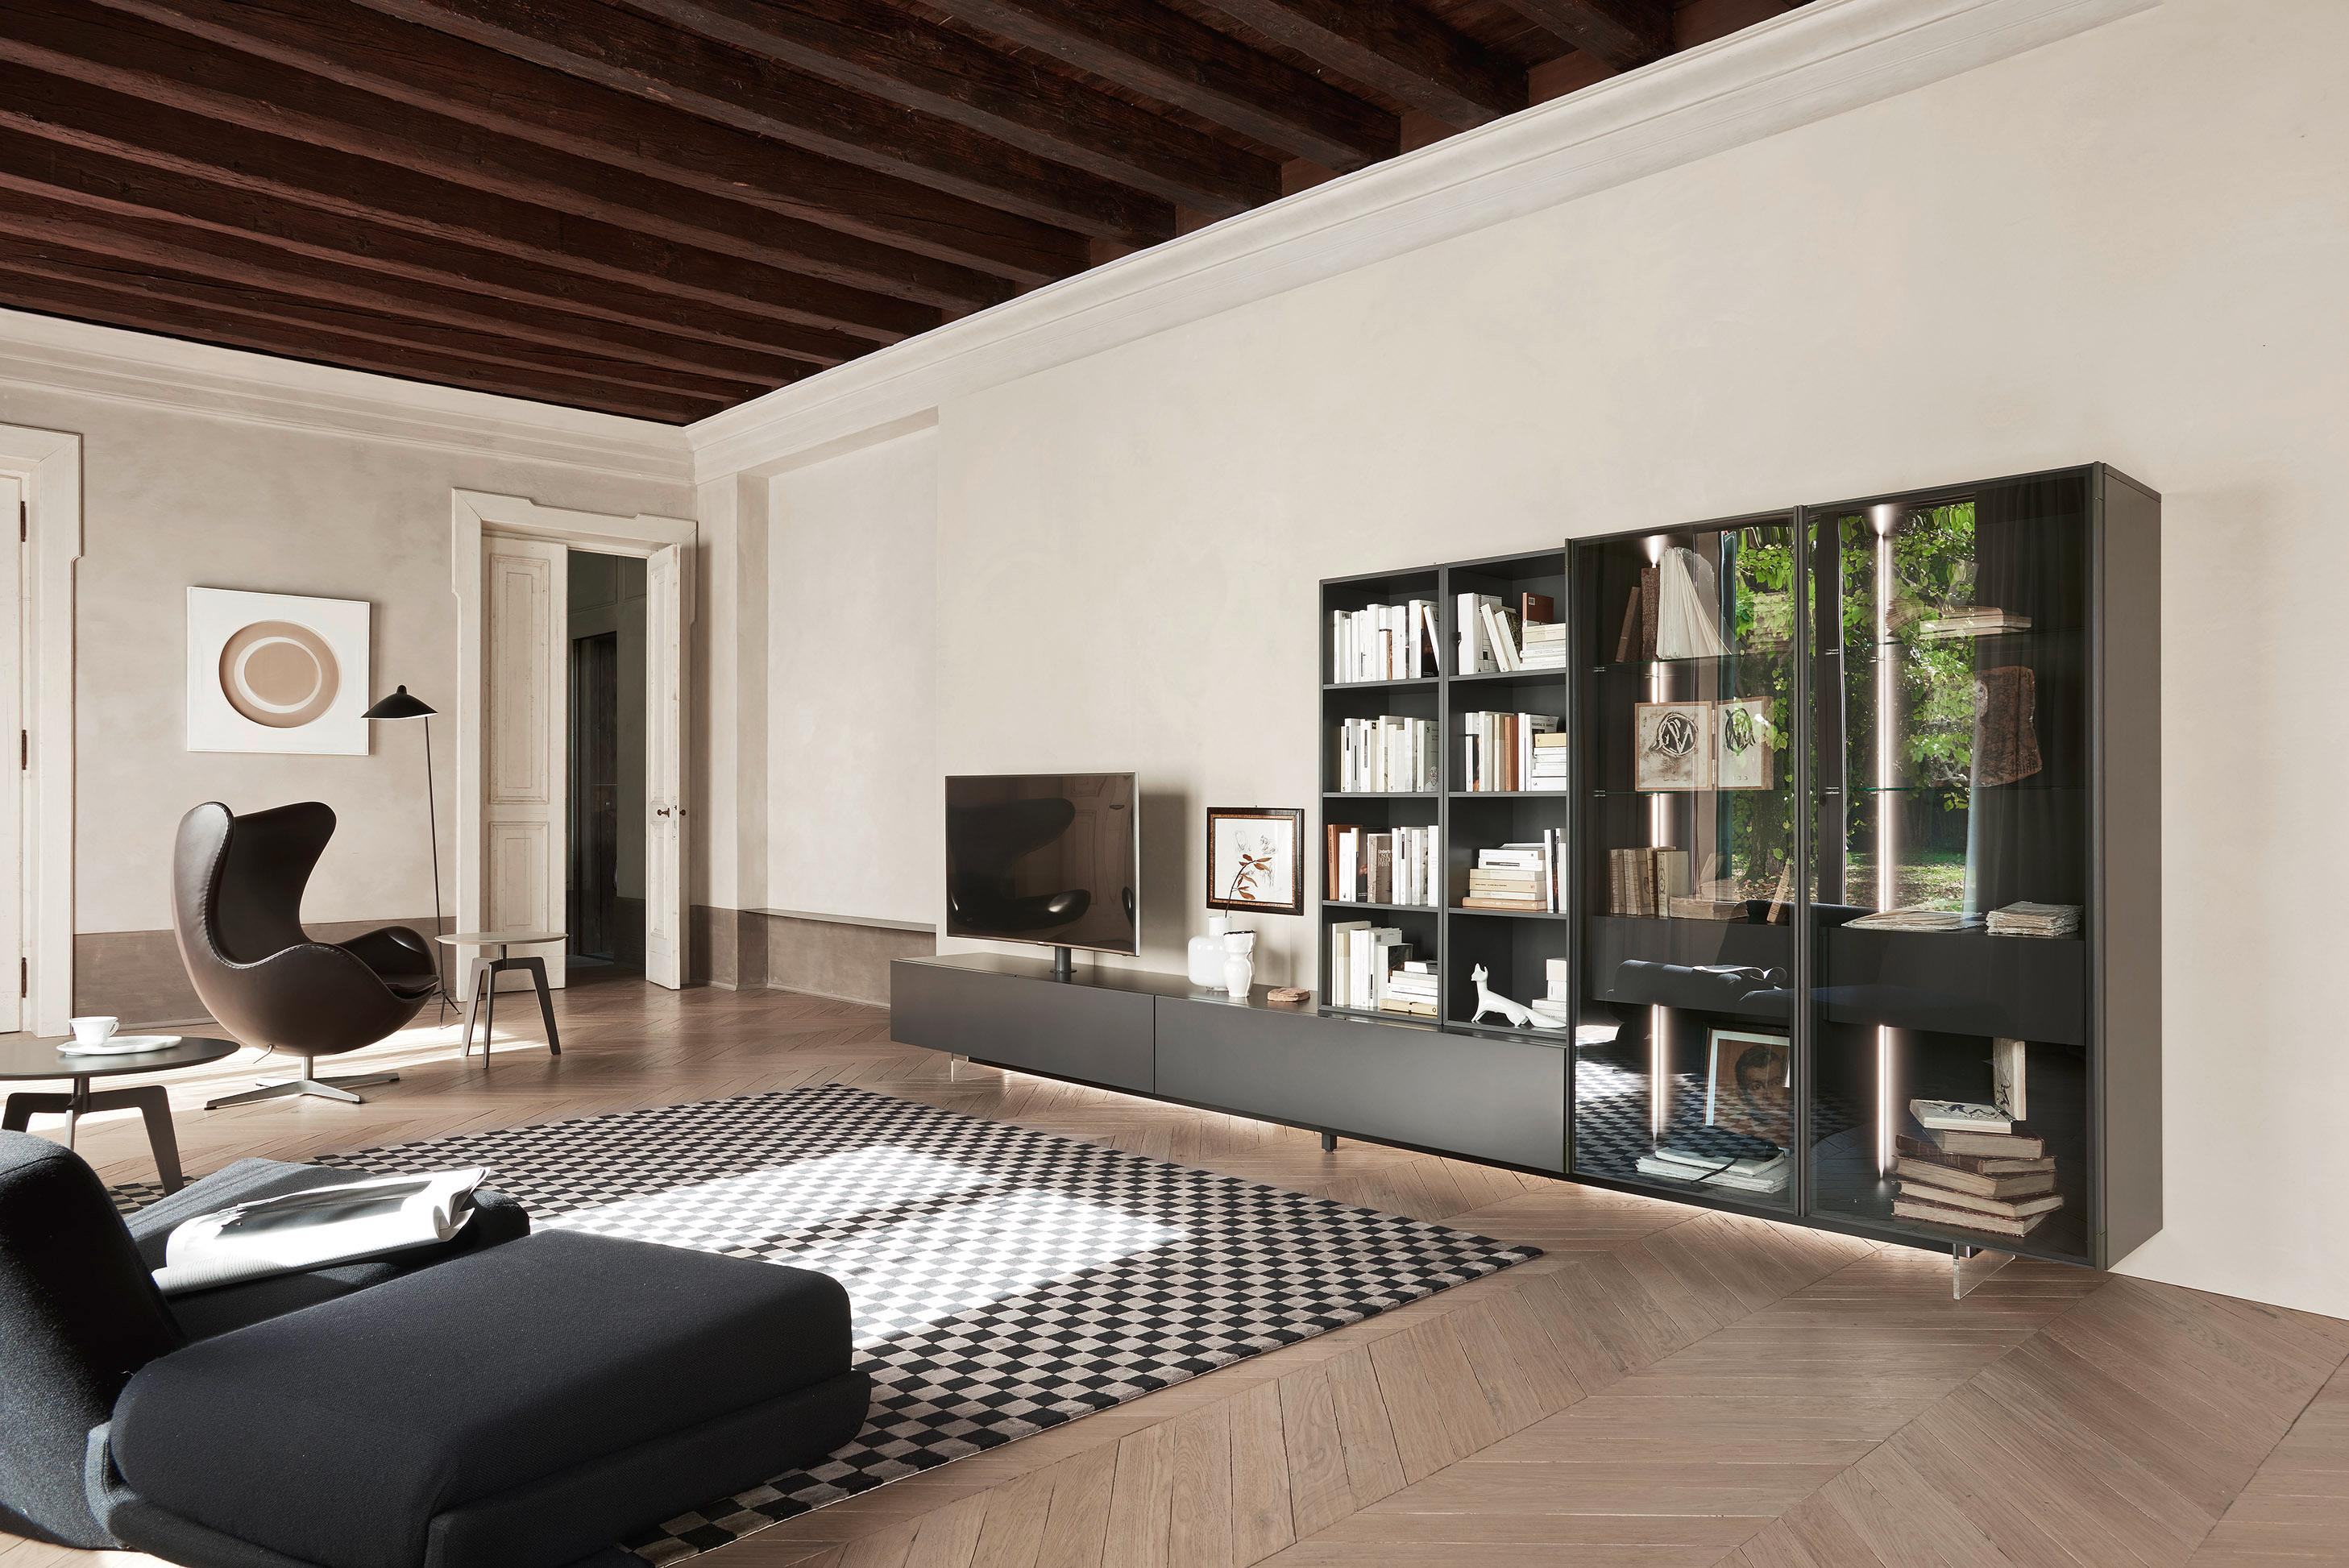 Wohnzimmerwand bilder ideen couchstyle - Wohnzimmerwand ideen ...